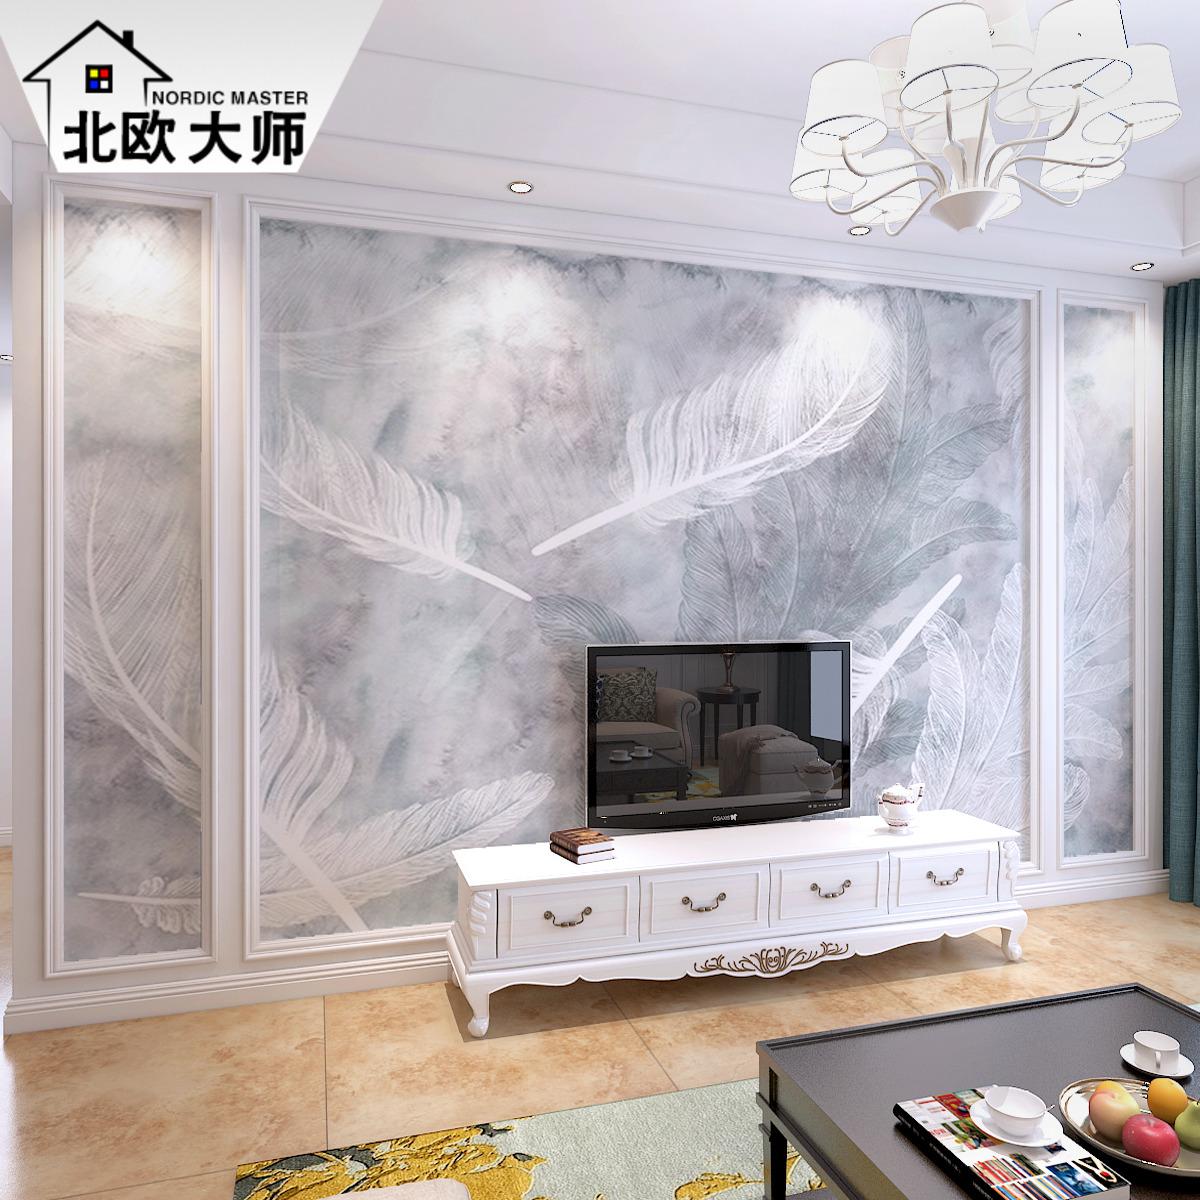 8D现代简约电视背景墙壁画影视墙纸北欧客厅卧室壁纸无缝墙布羽毛